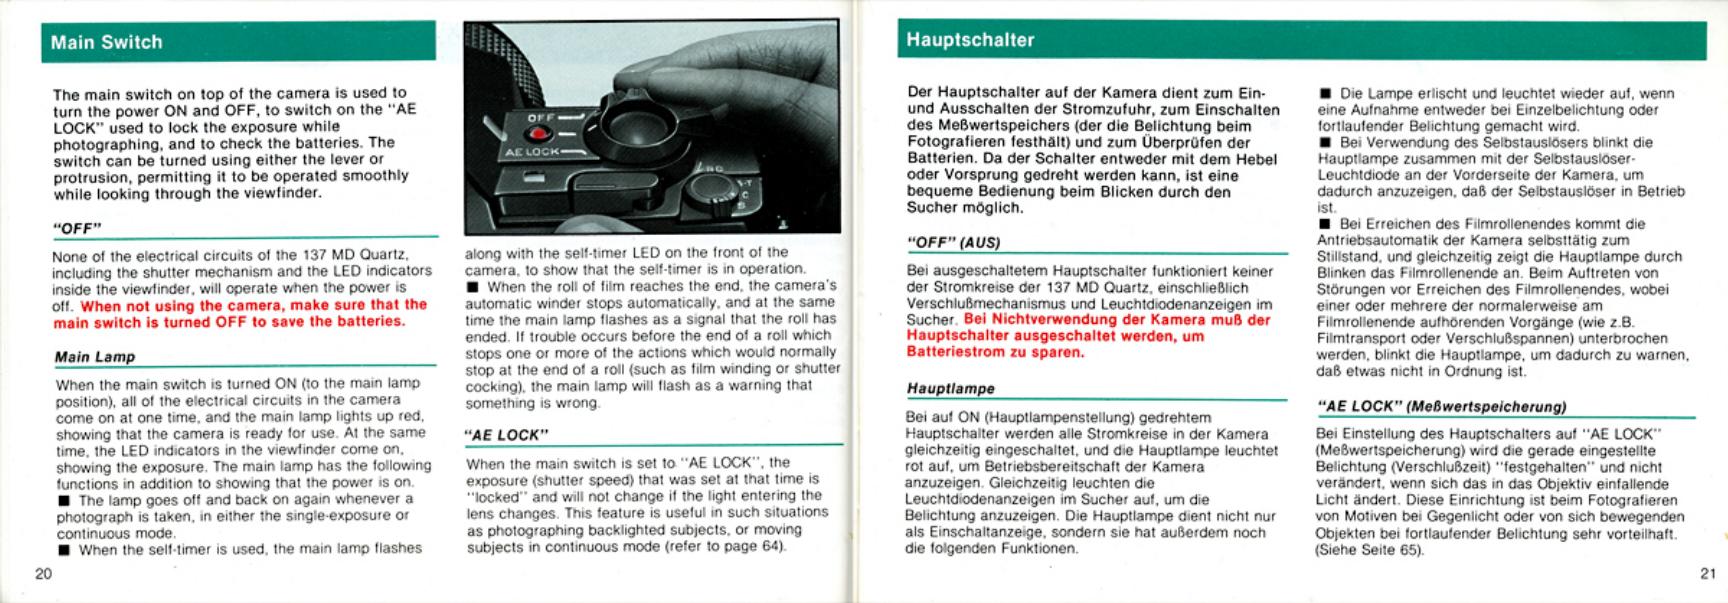 Fantastisch Drahtcodierung Fotos - Der Schaltplan - triangre.info